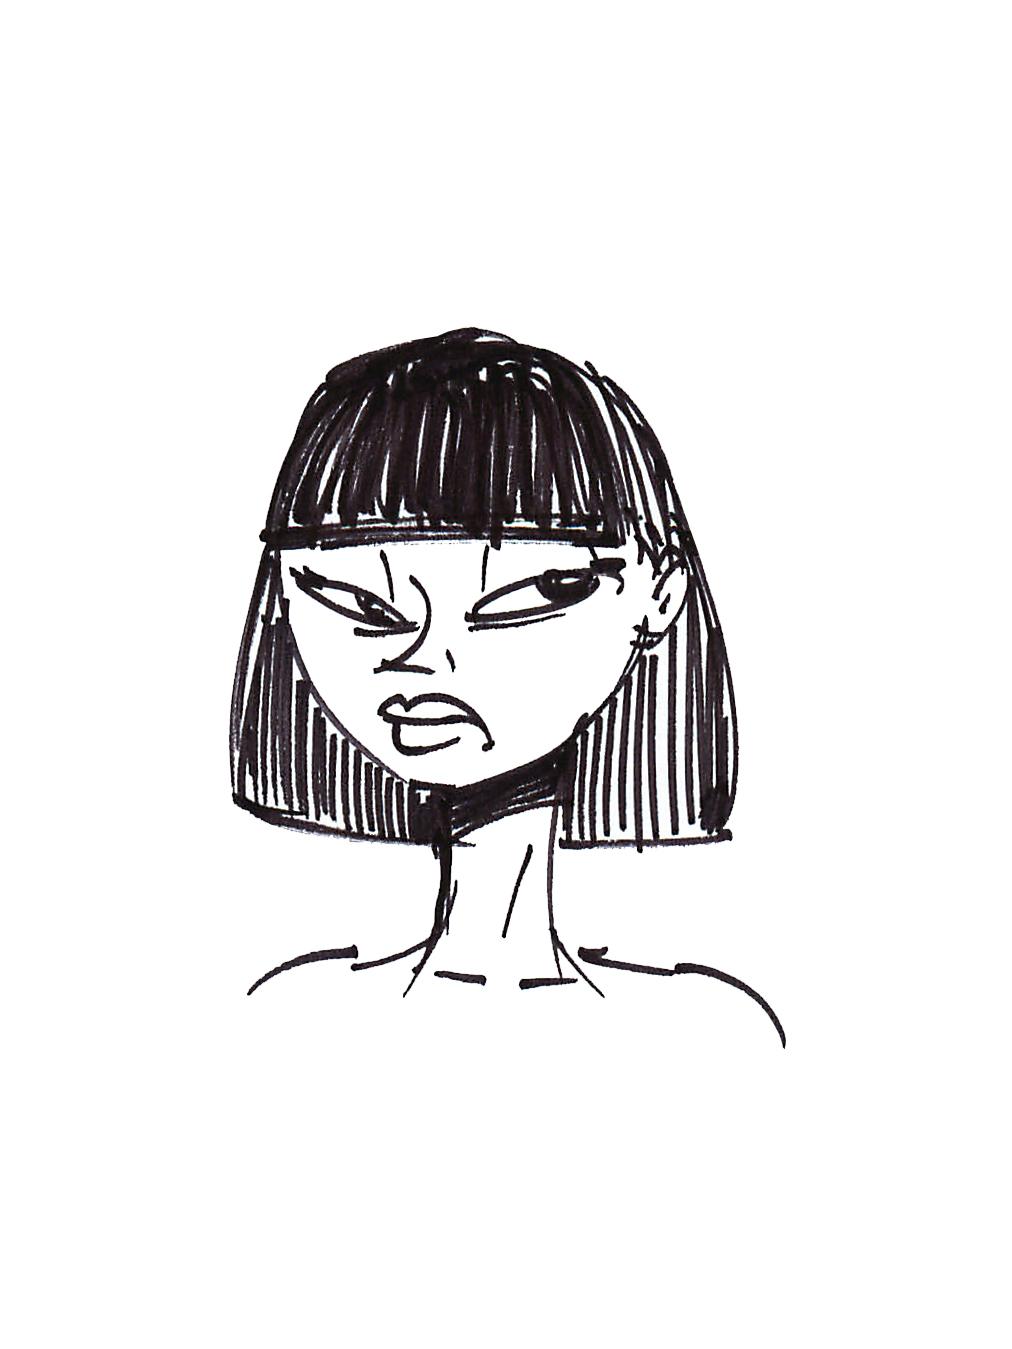 Alfredo Fajardo sketch of an unsatisfied woman